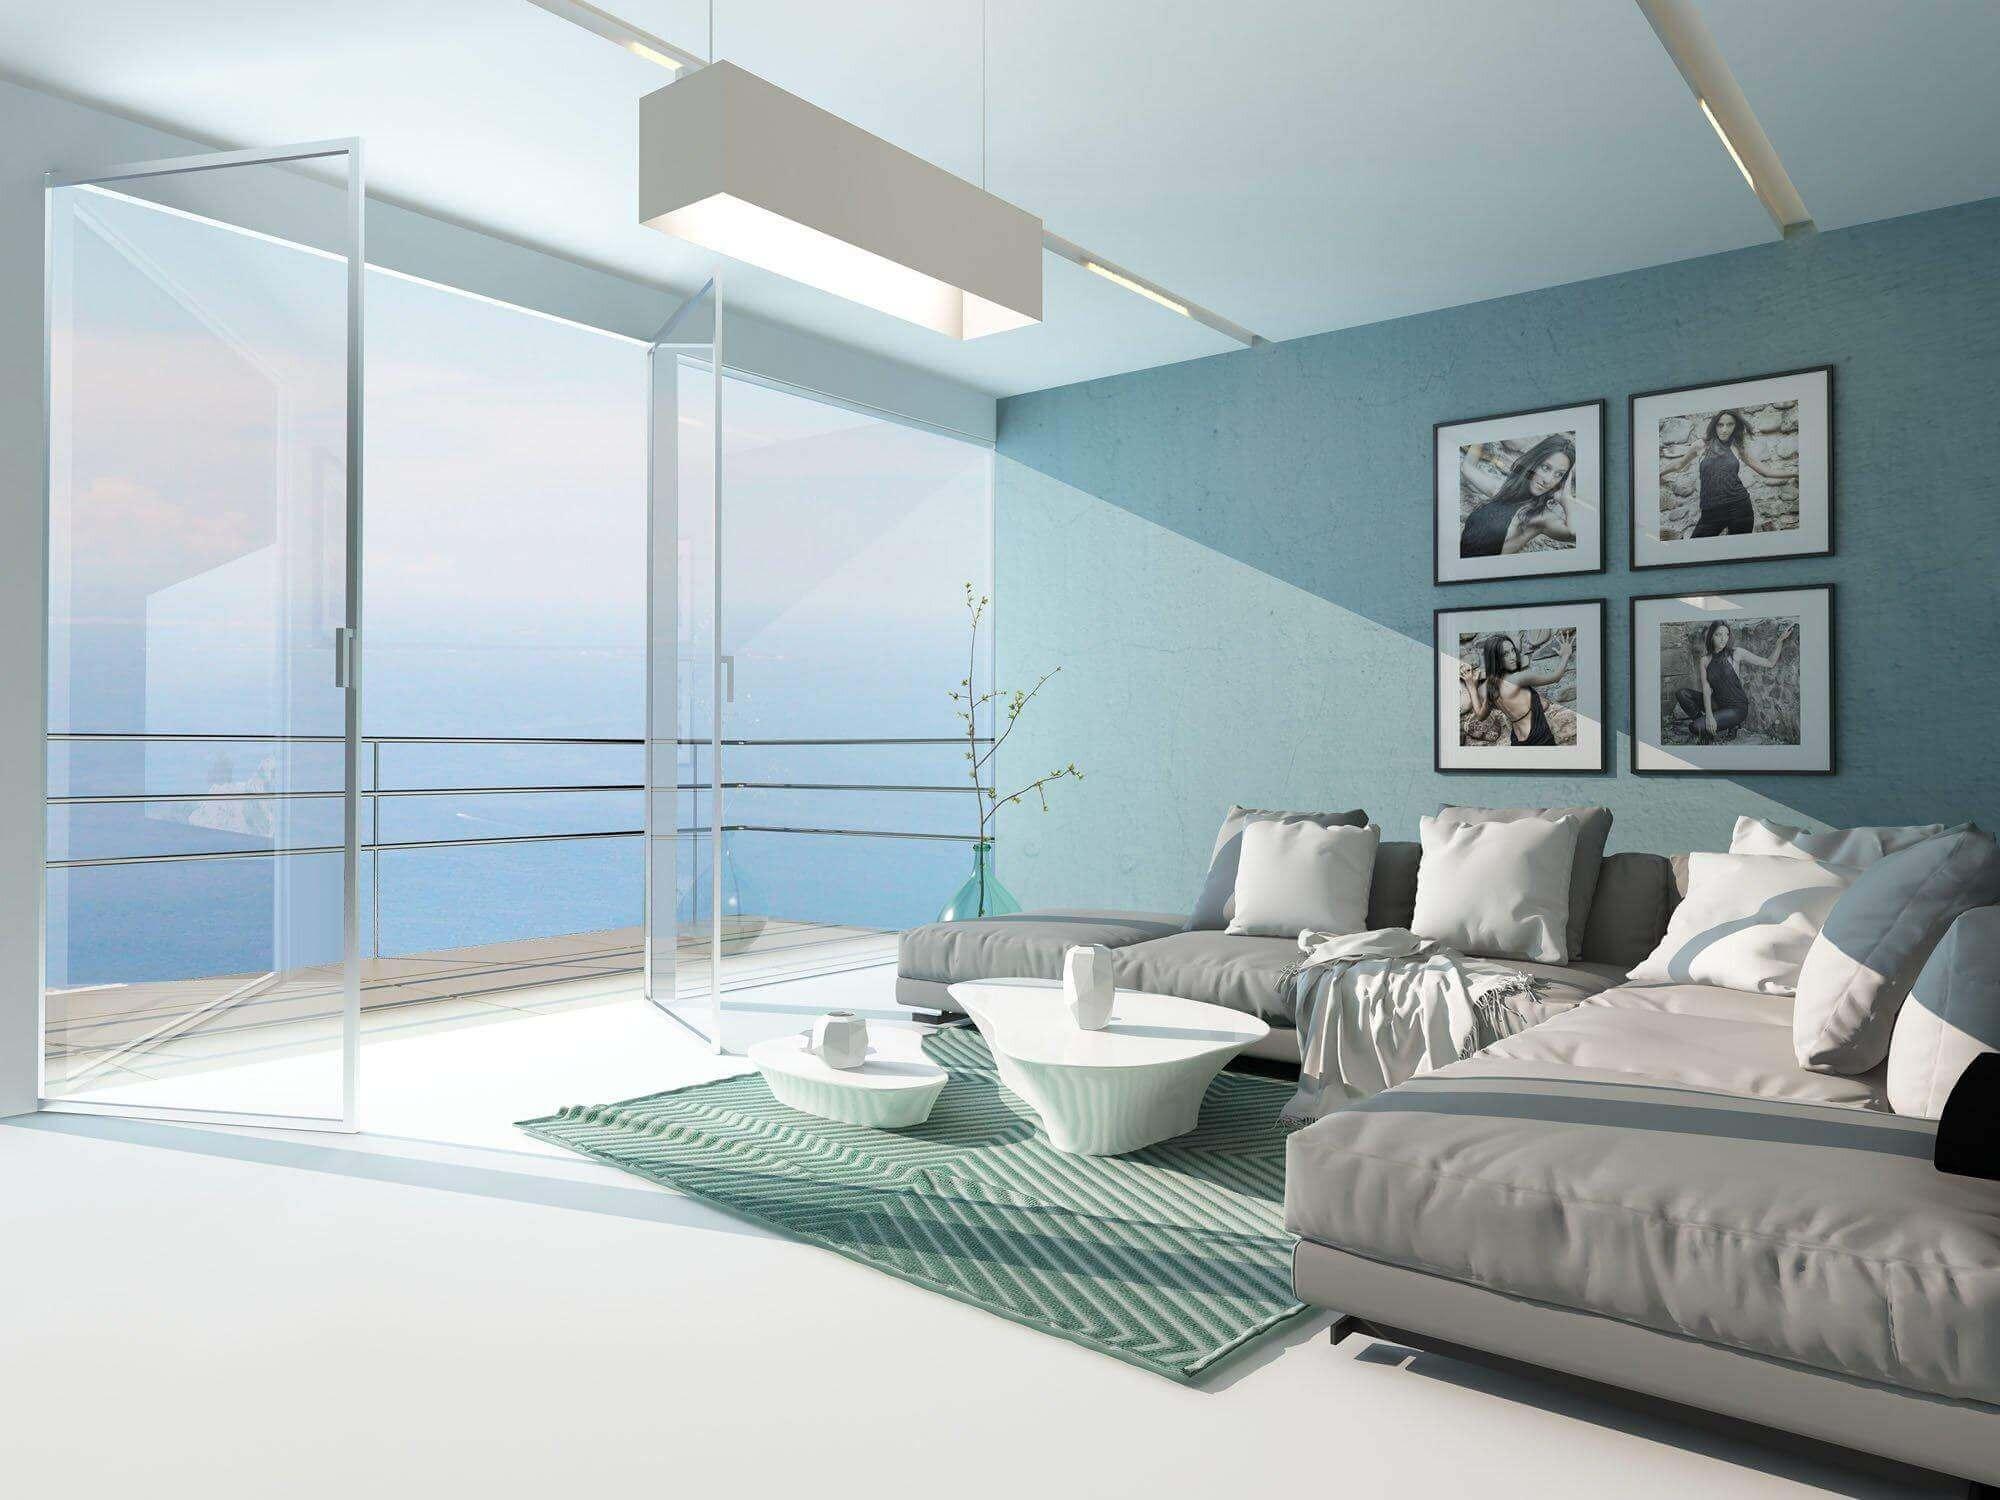 7 Deko-Ideen für deine Wände